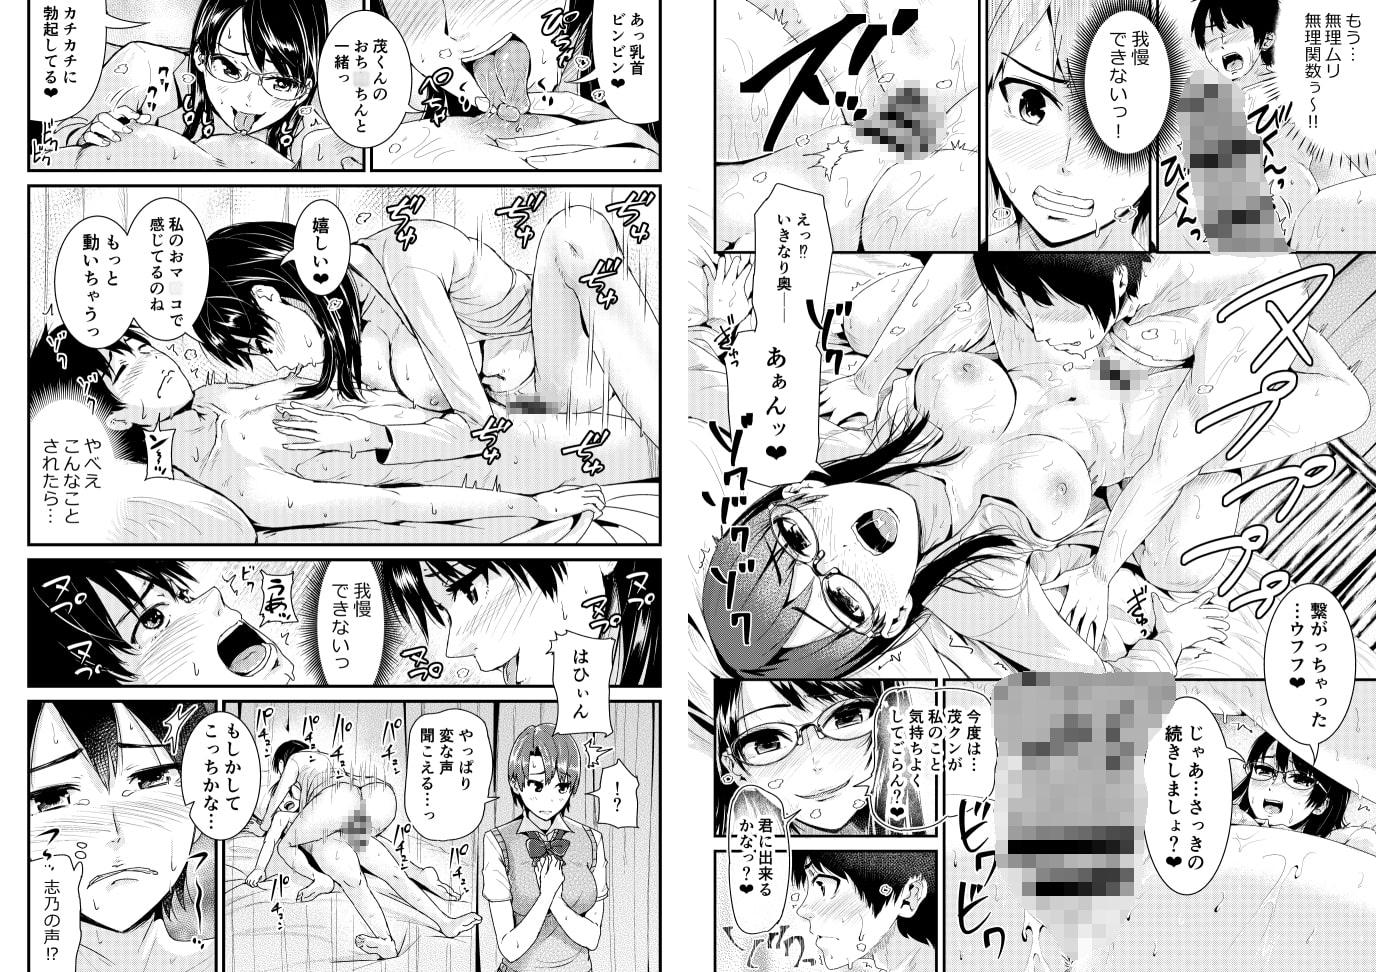 童貞の俺を誘惑するえっちな女子たち!? 4